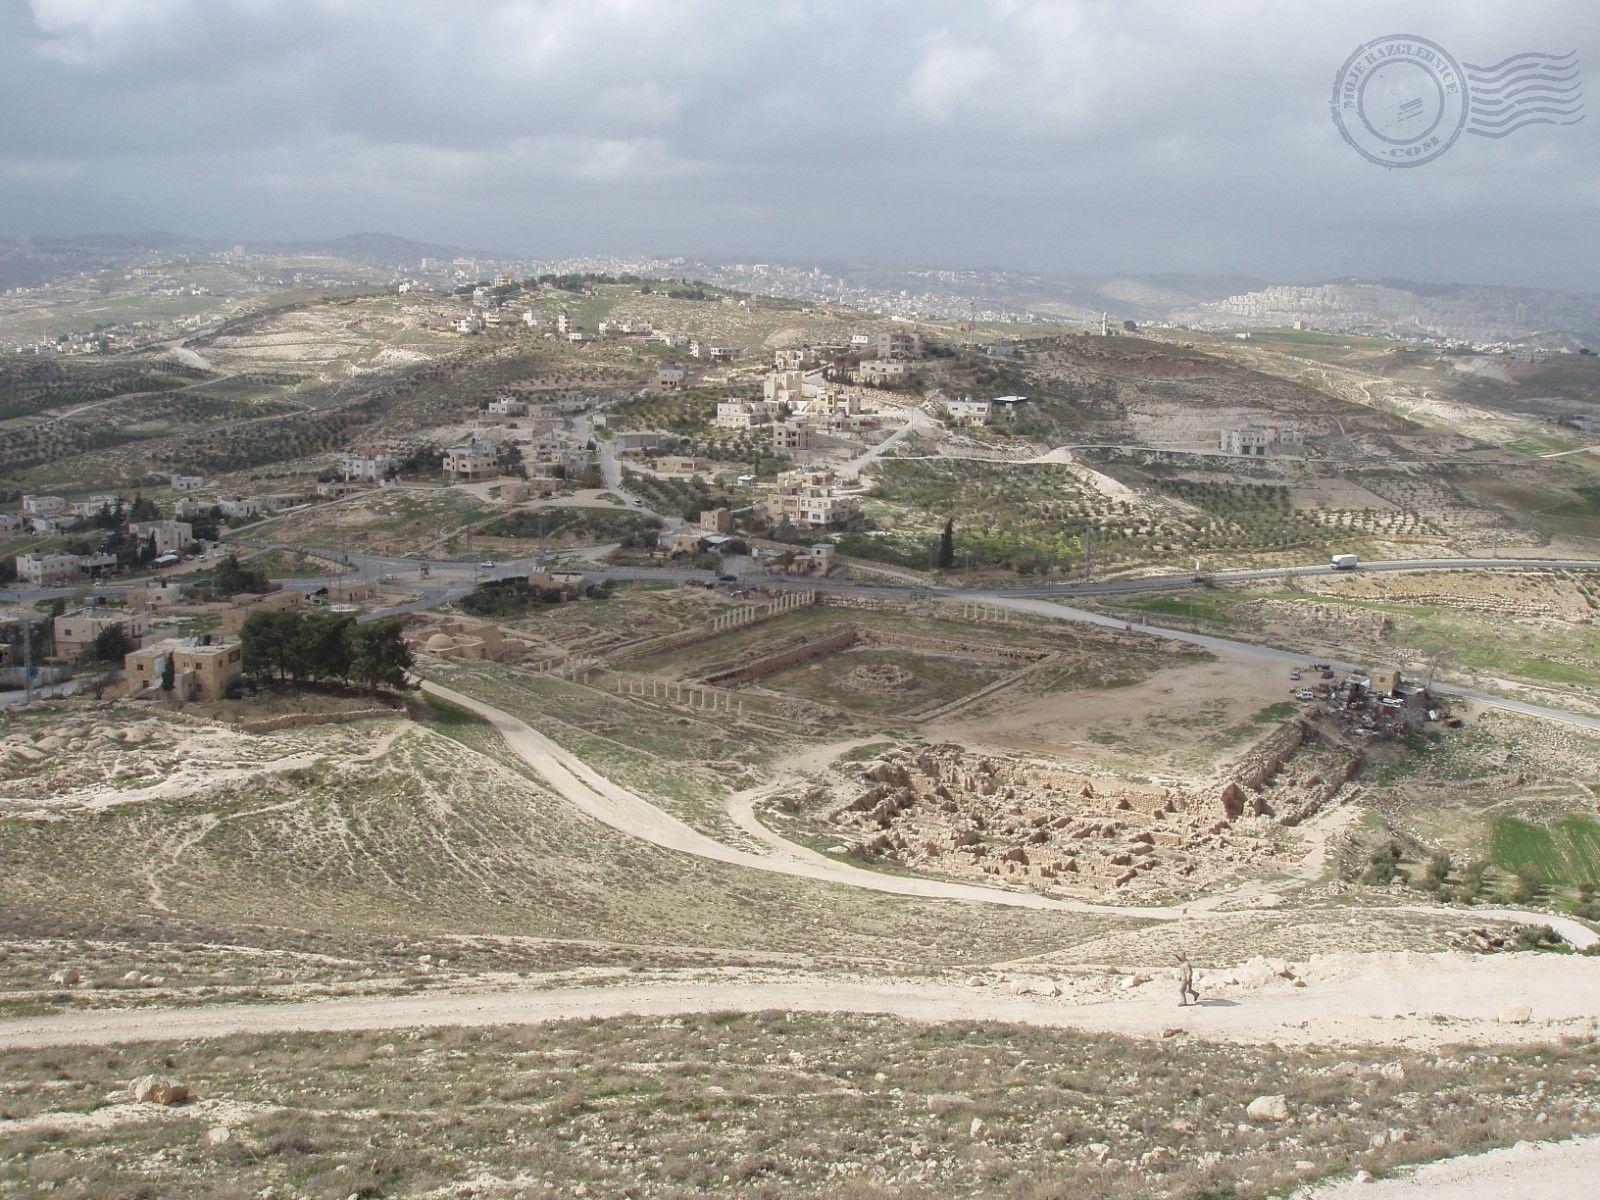 Izrael, sveta zemlja, Jeruzalem Herodium - Nacionalni park